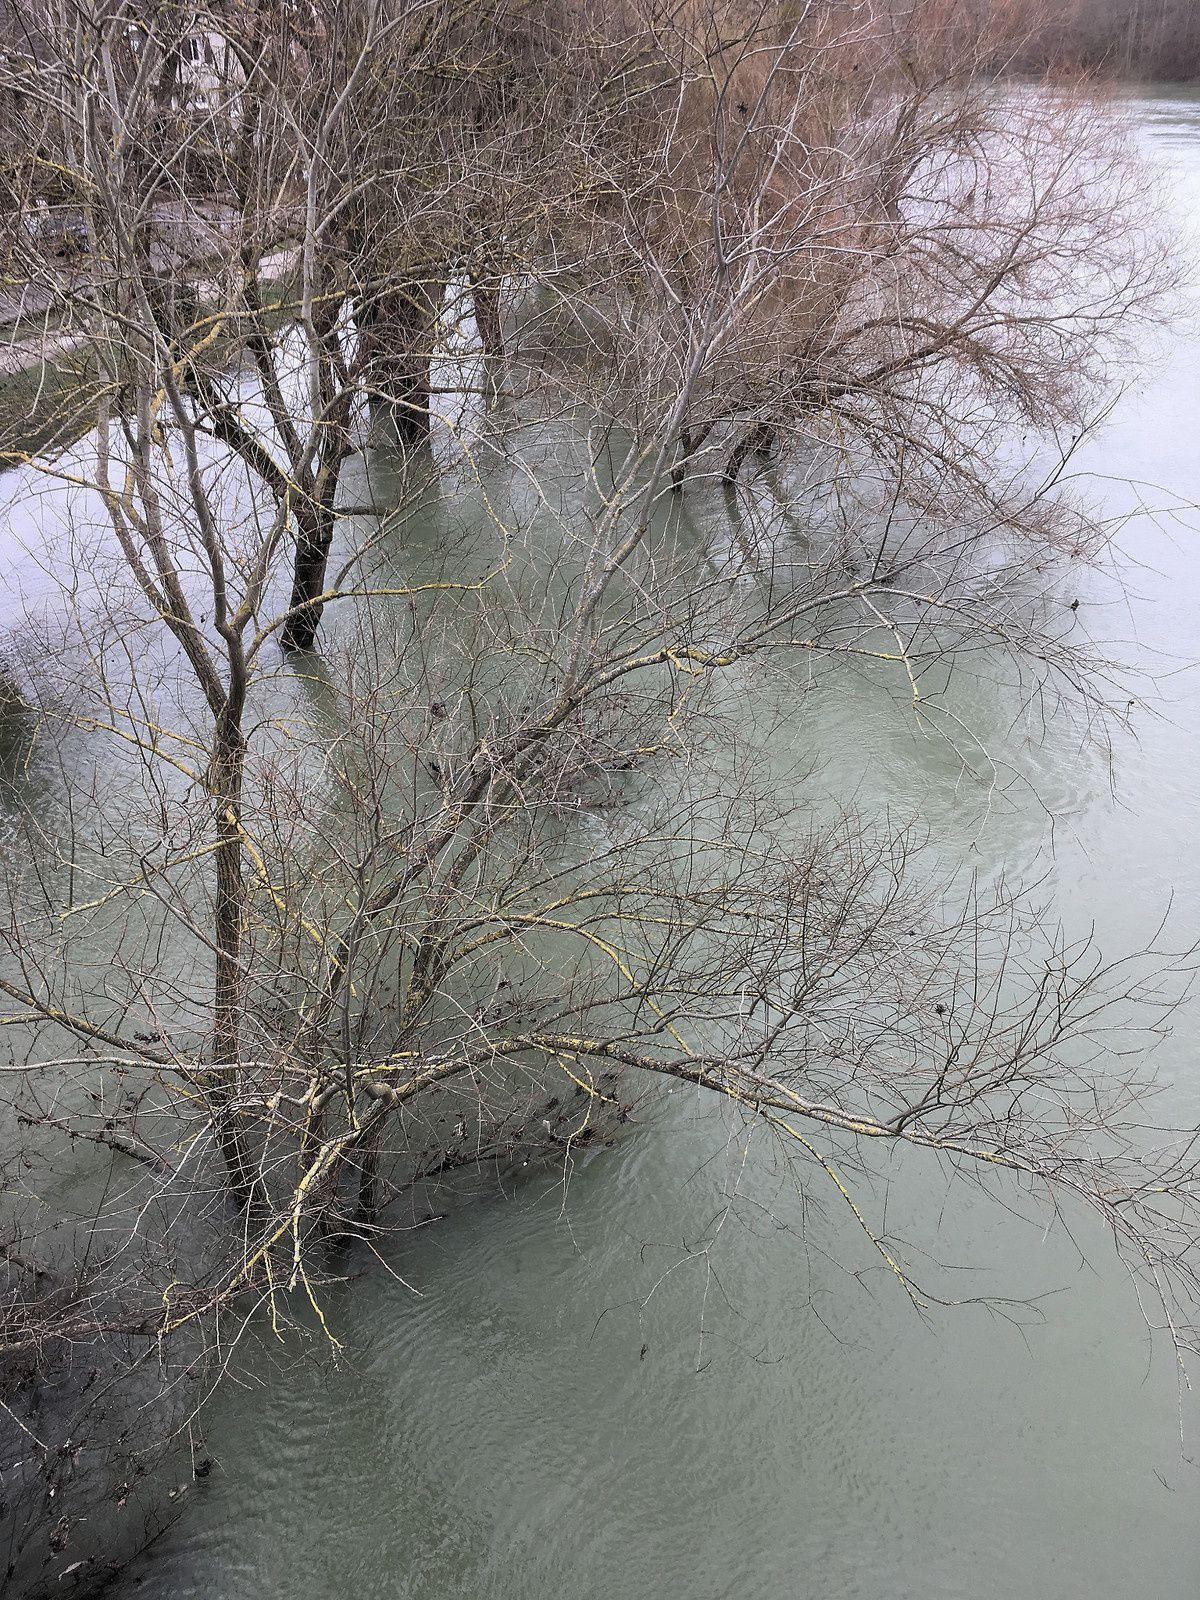 353 - De l'autre côté de la Marne : 11/02/2018